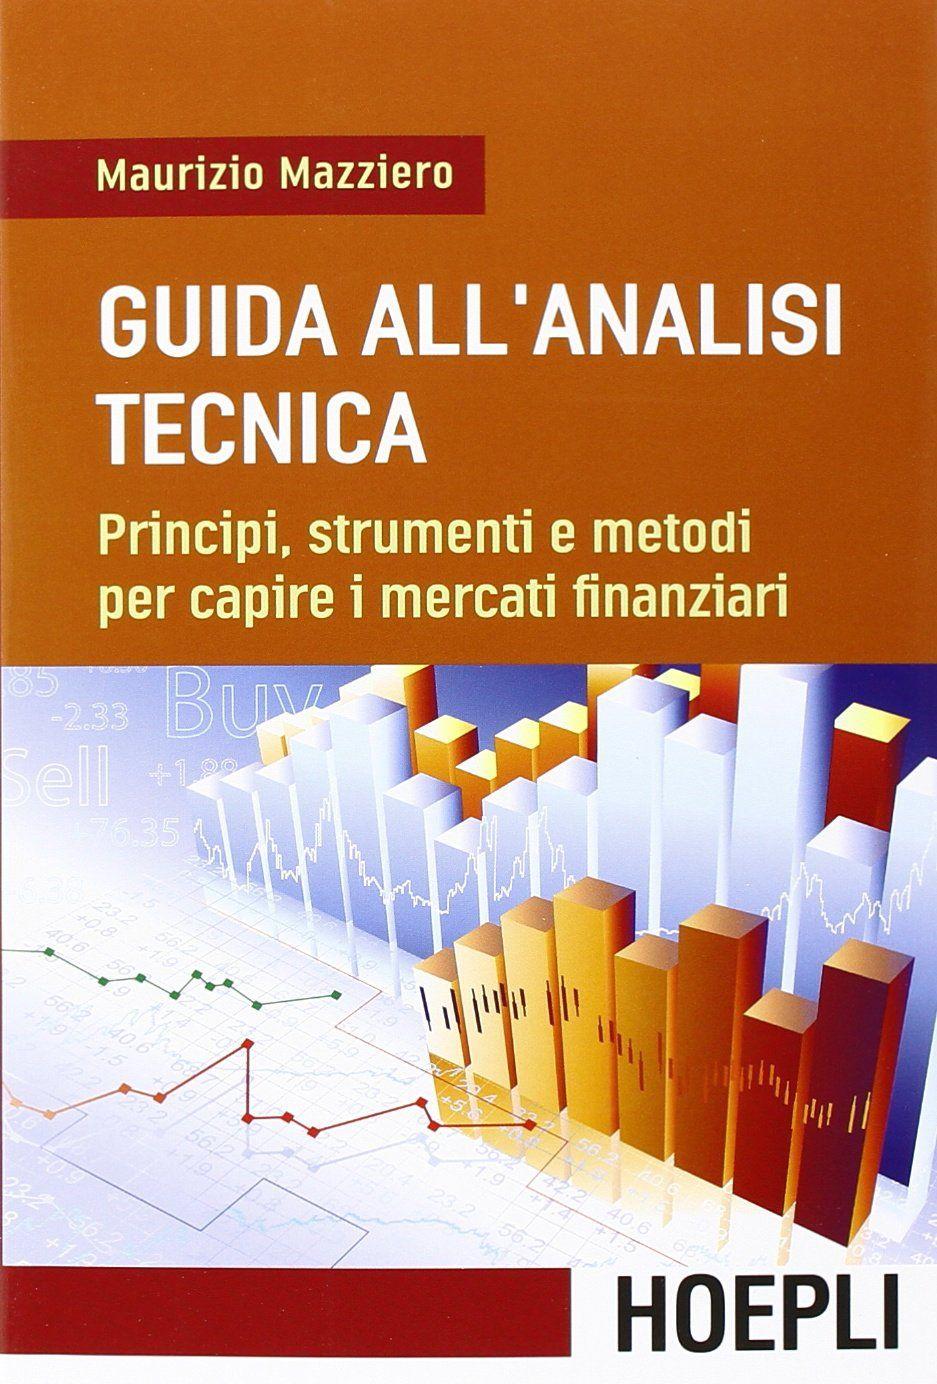 Guida all'analisi tecnica, scritto dal trader italiano Maurizio Mazziero